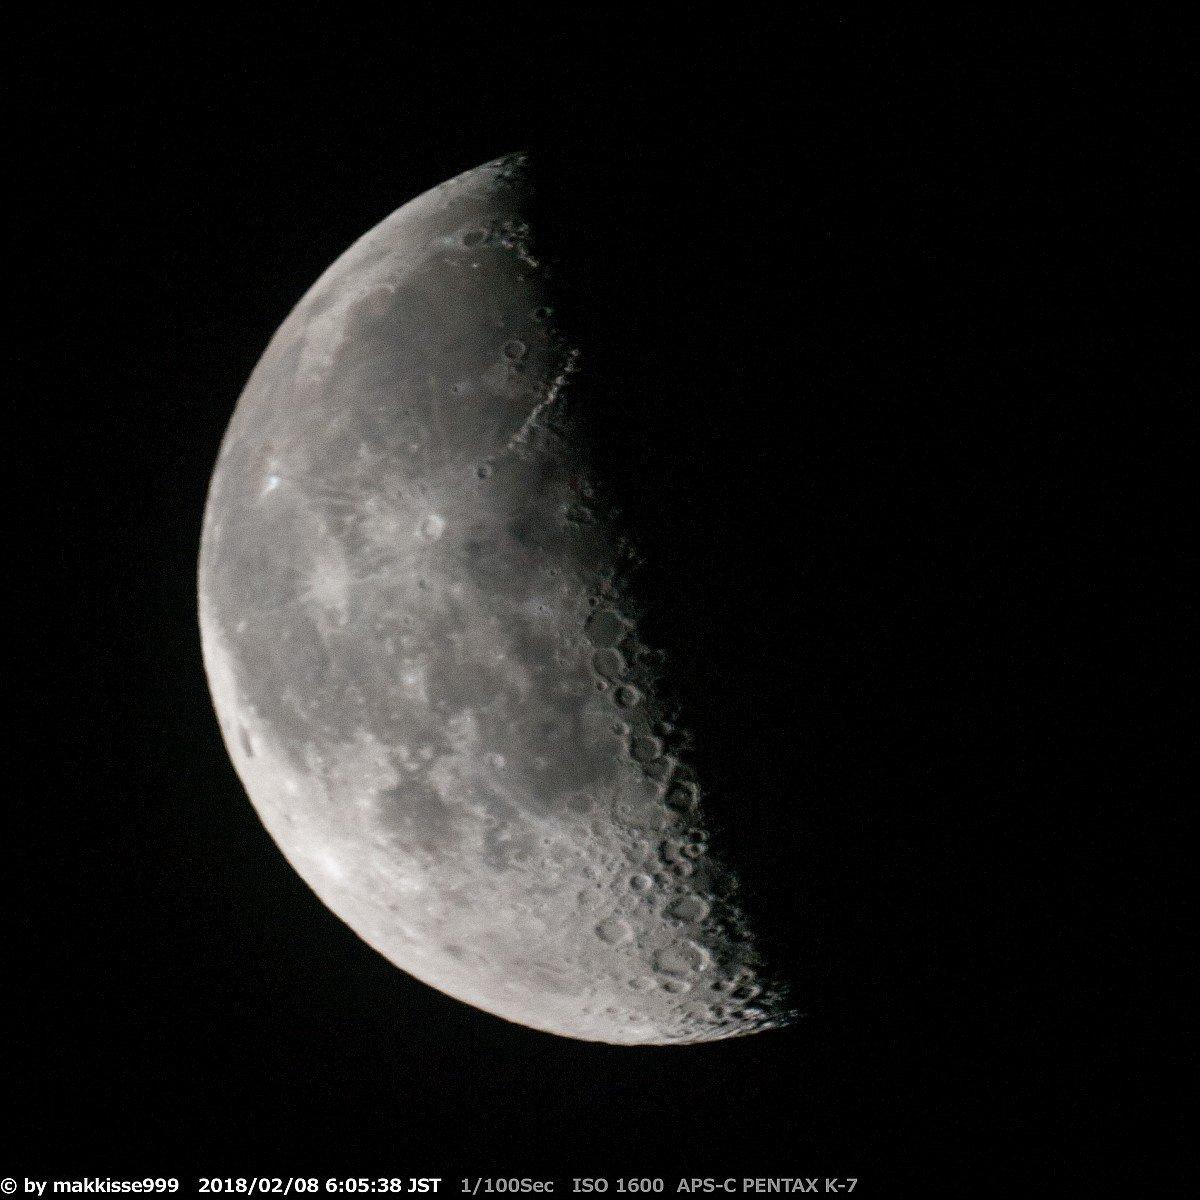 2月8日のお月様。6:05~6:17頃, 月齢21.78, 輝面比47.9%, 高度45°, 方位173°。薄雲越しの下弦の月です。すっきり晴れませんが、風は弱いです。夜明け近く、木星が月の下に見えました。#イマツキ #月 #木星 #Moon https://t.co/248op1RuUi